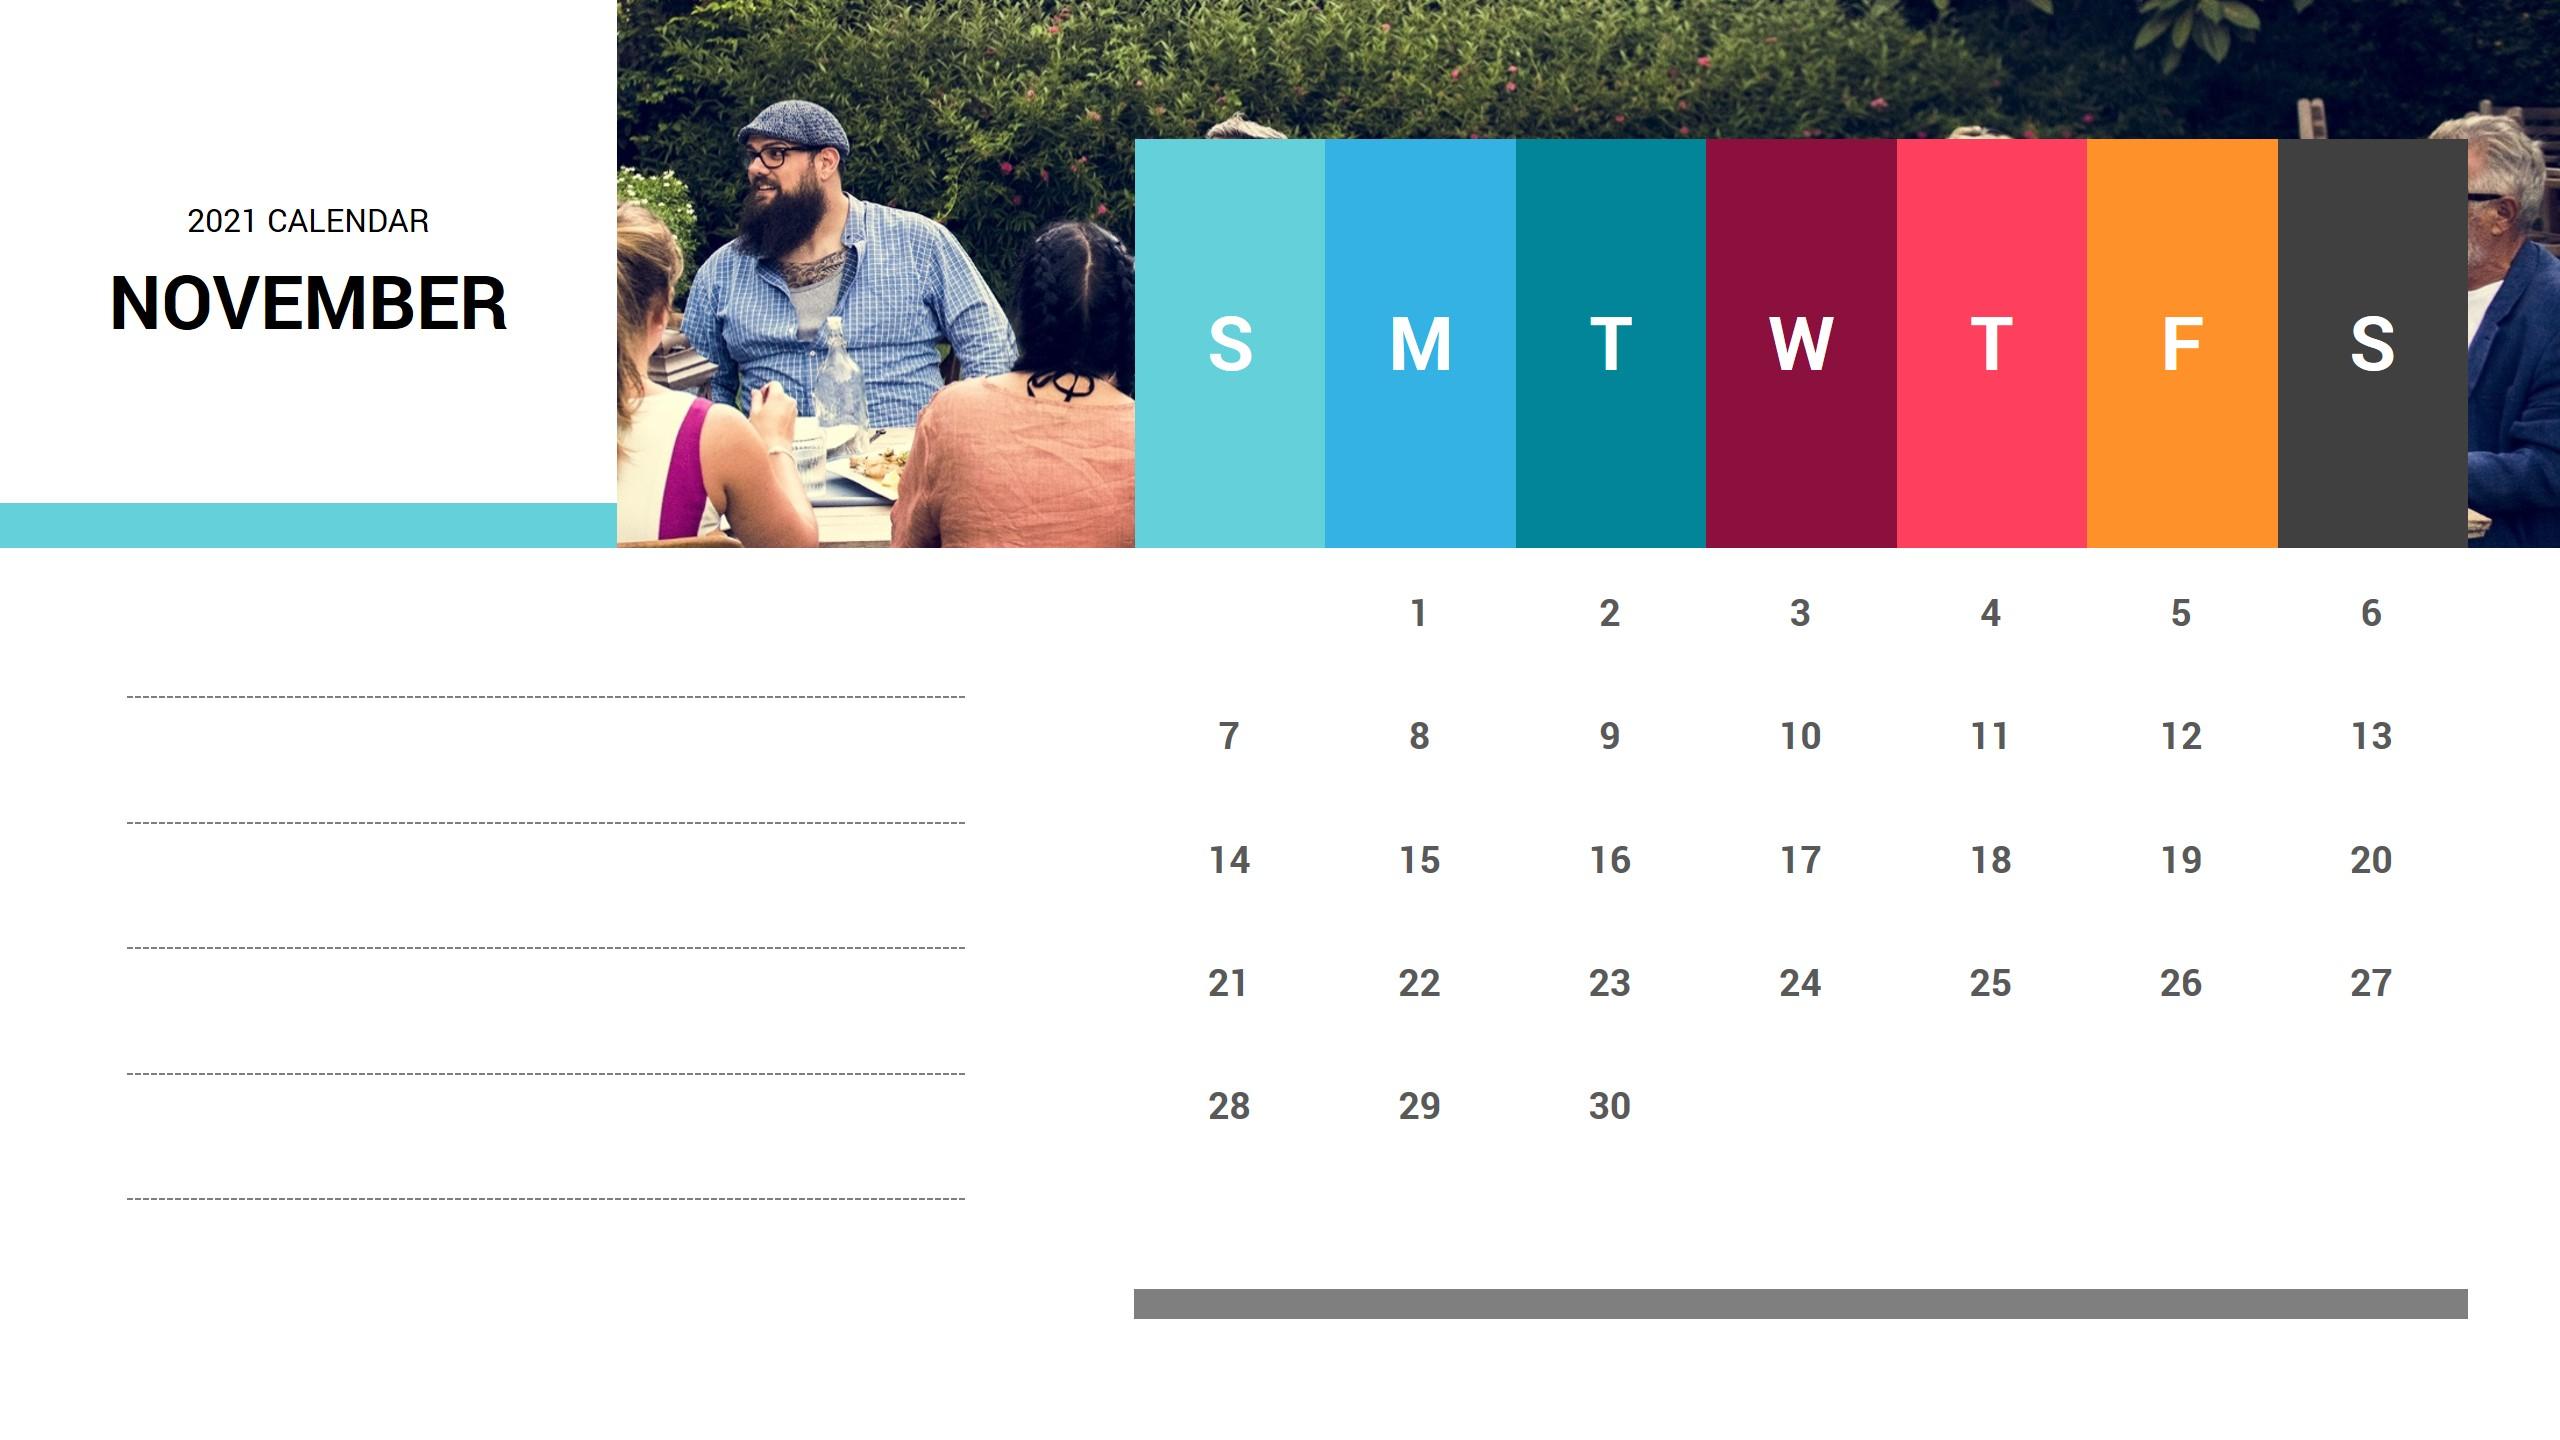 November 2021 Calendar Free Ppt Template | Ciloart